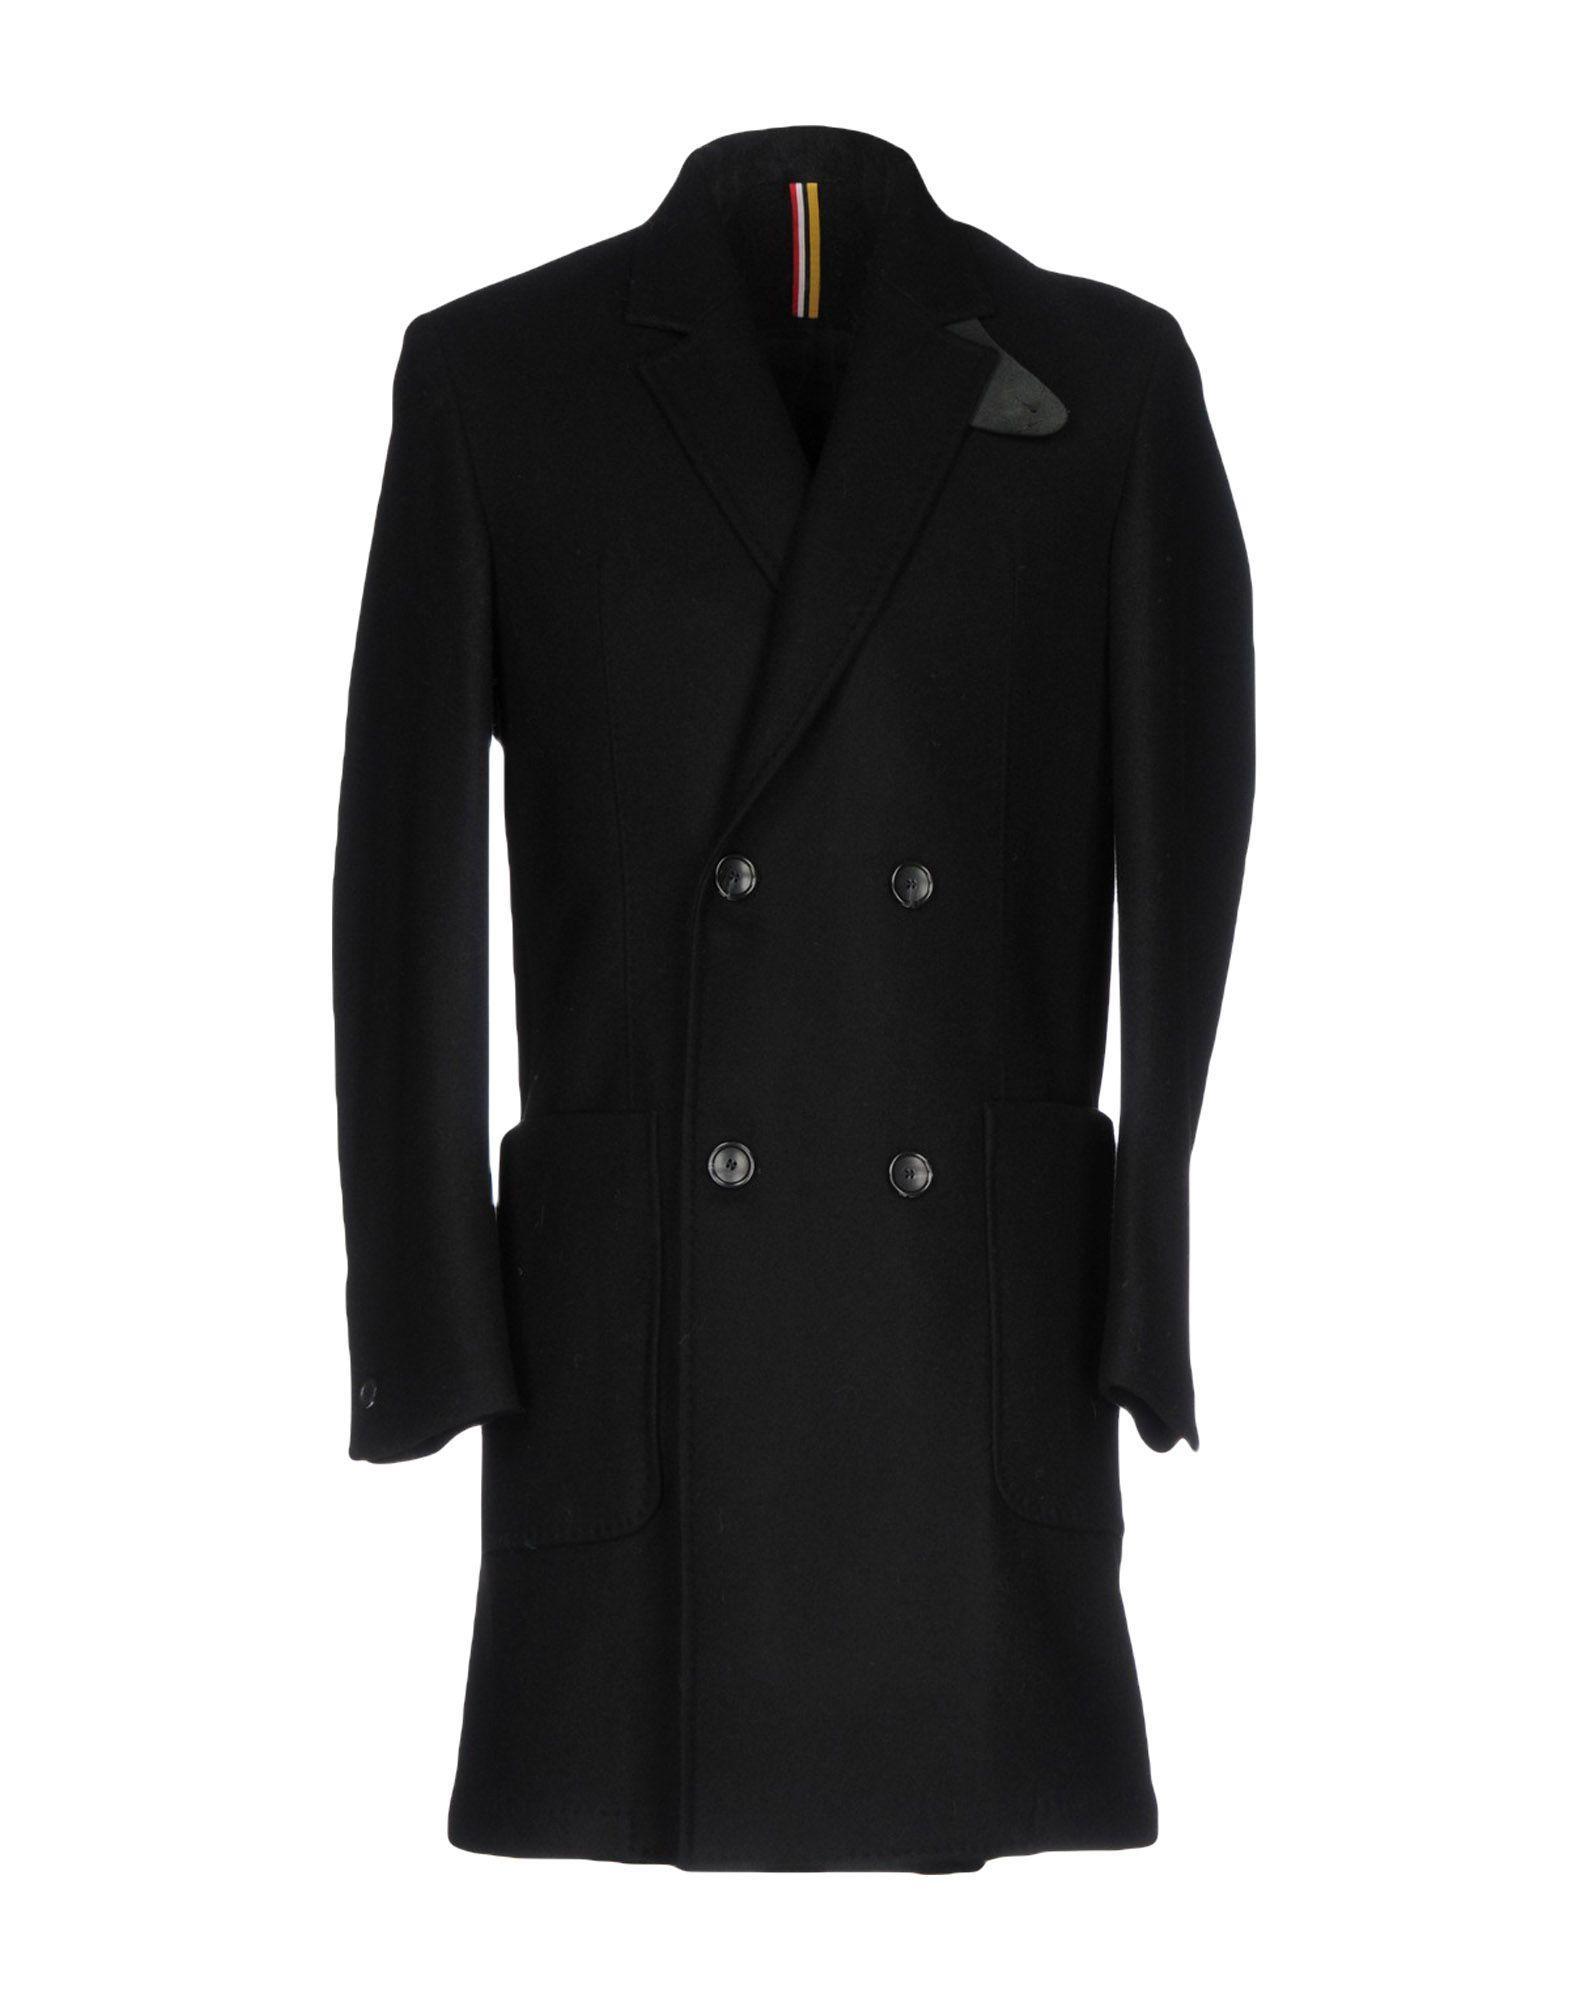 Low Brand Coat In Black